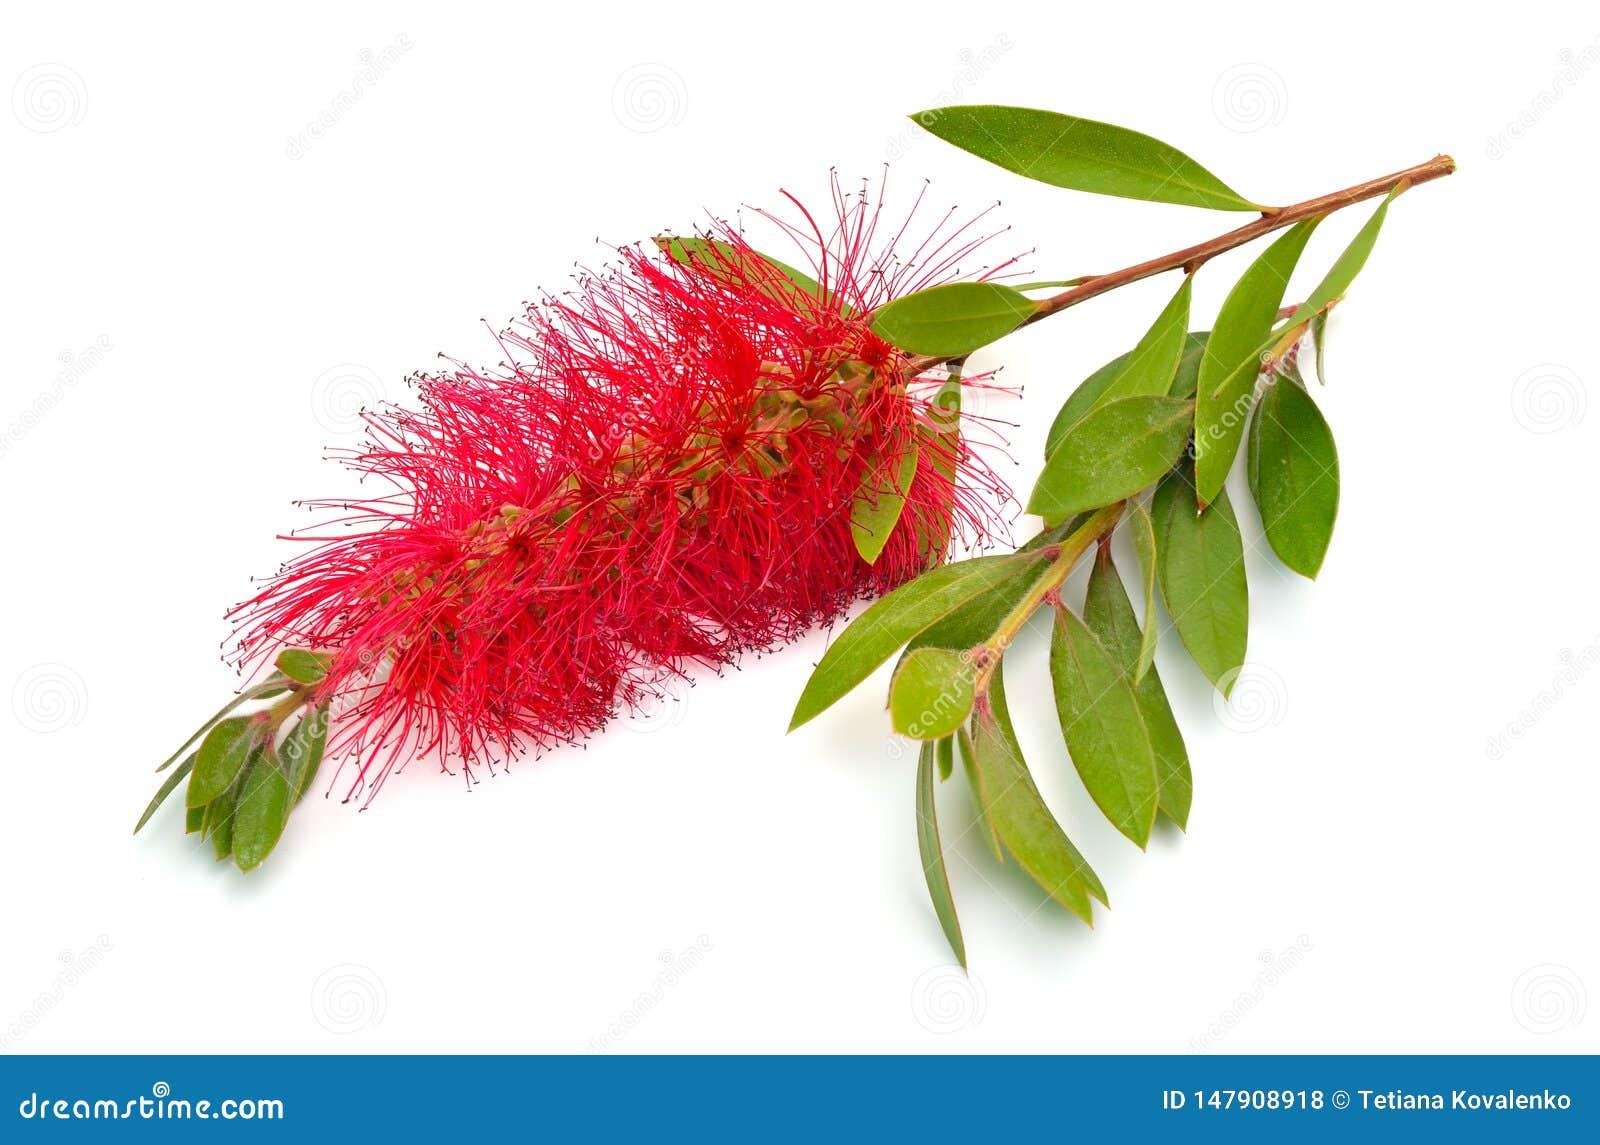 开花的红色Melaleuca、paperbarks、蜂蜜加州桂或者茶树,洗瓶刷 r